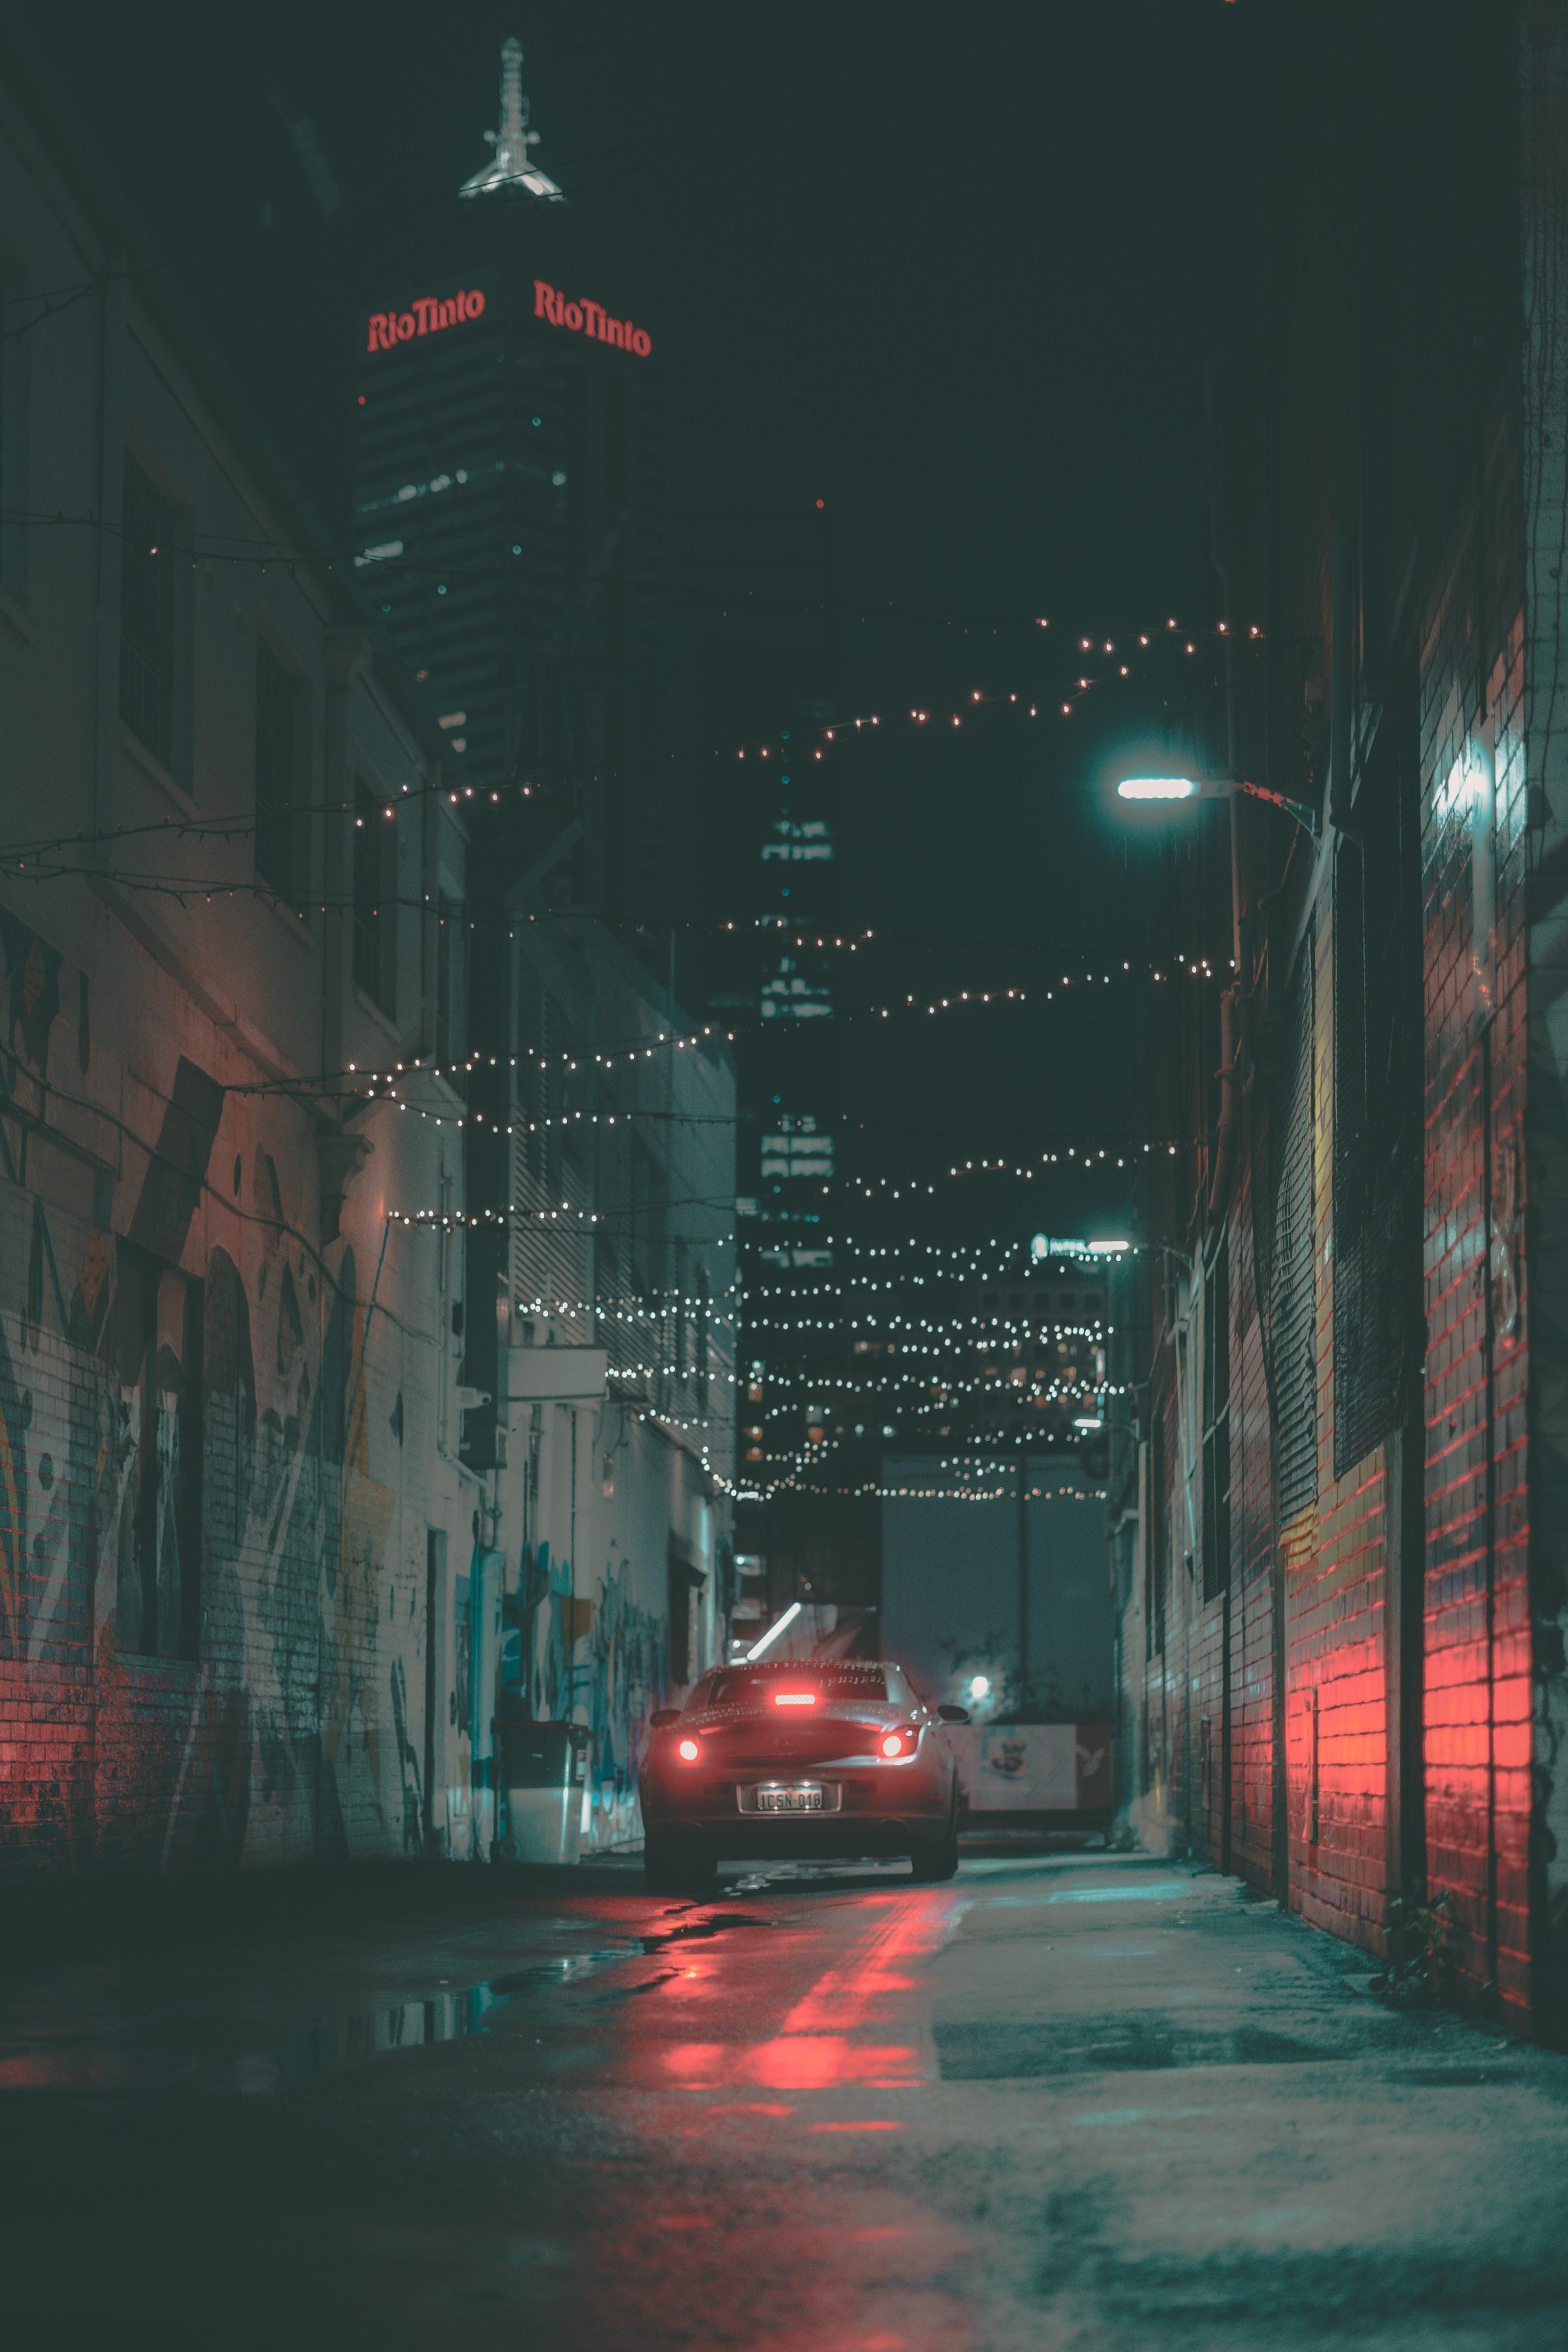 免費下載 63651: 汽车, 街道, 黑暗的, 黑暗, 车, 辉光, 发光, 大灯, 街 桌面壁紙